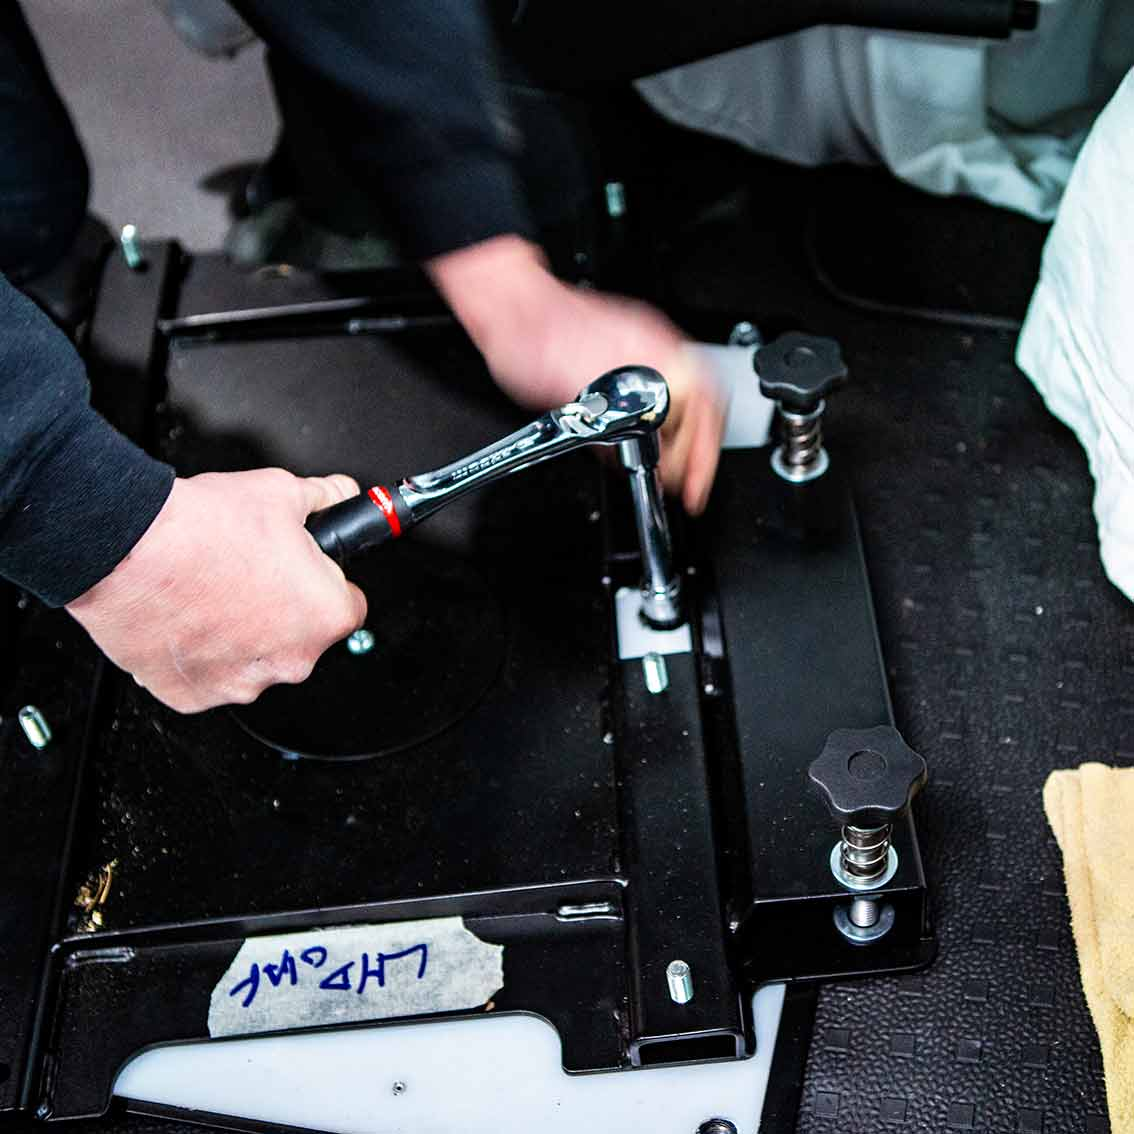 Jetzt wird die Sitzkonsole an die Schrauben aus dem Unterboden befestigt.